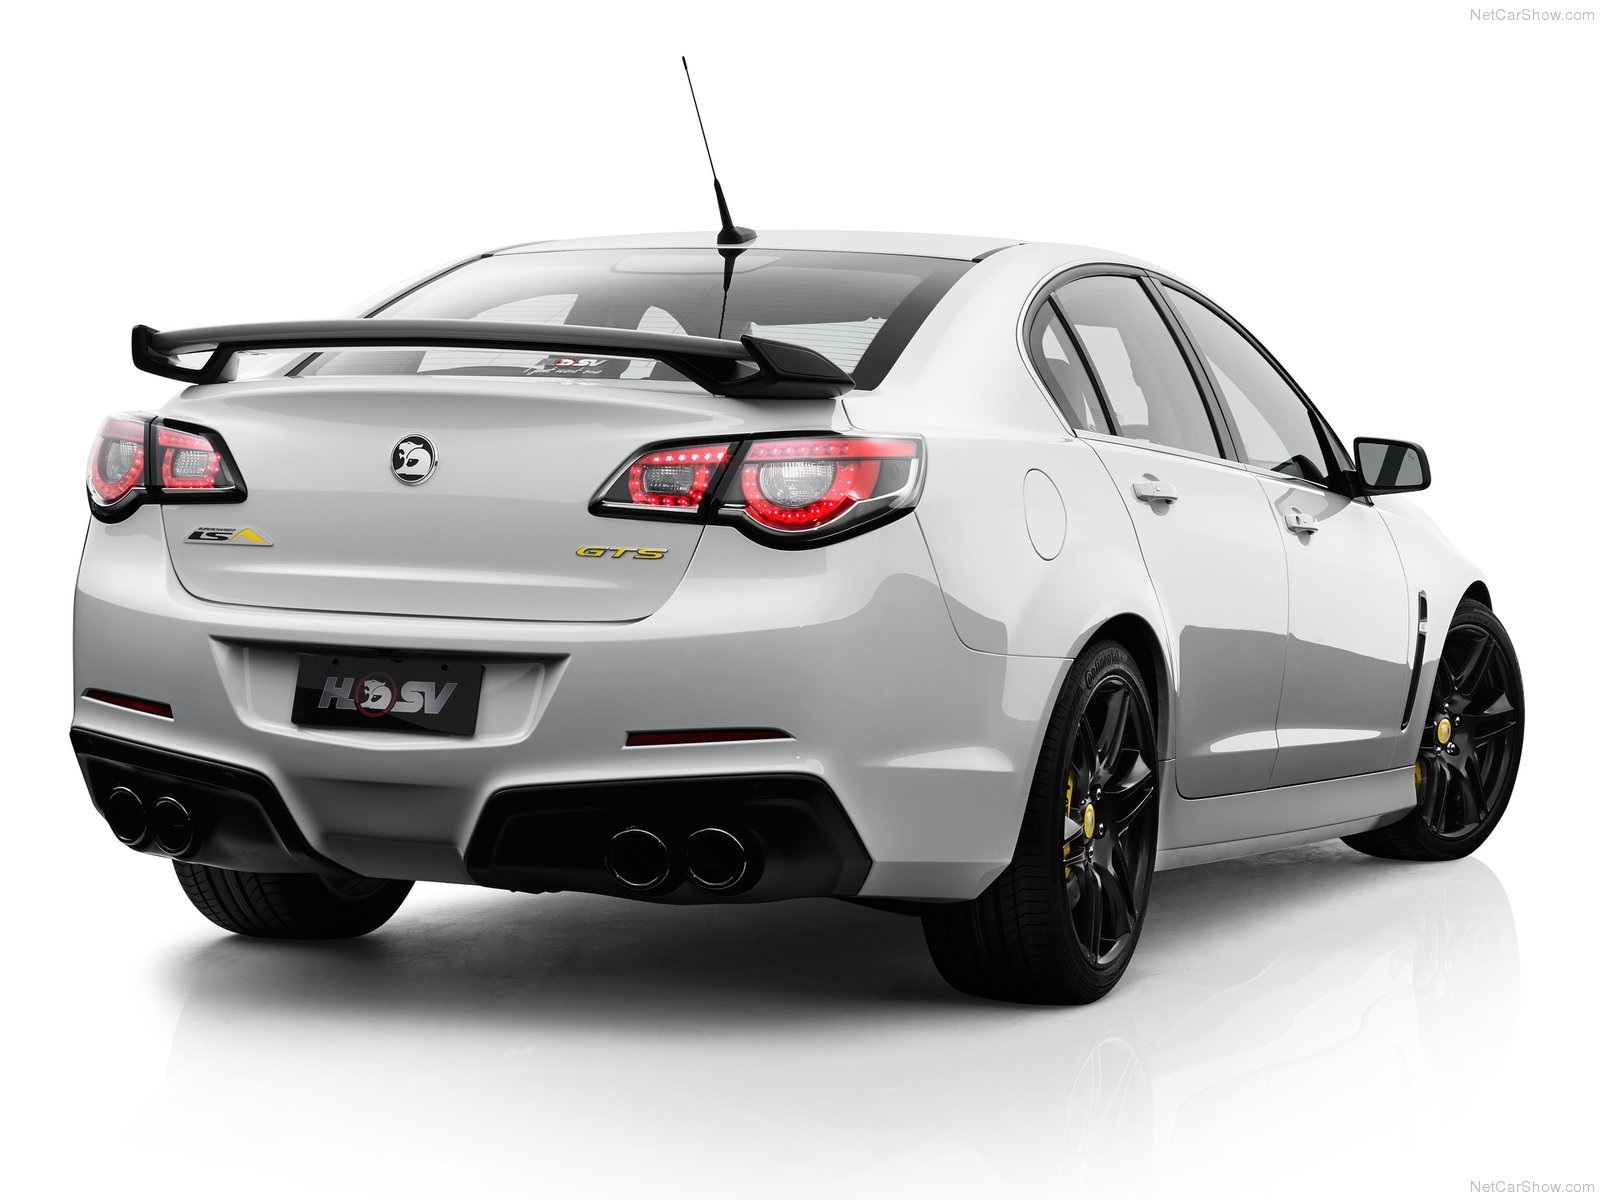 Hình ảnh xe ô tô HSV Gen-F GTS 2014 & nội ngoại thất